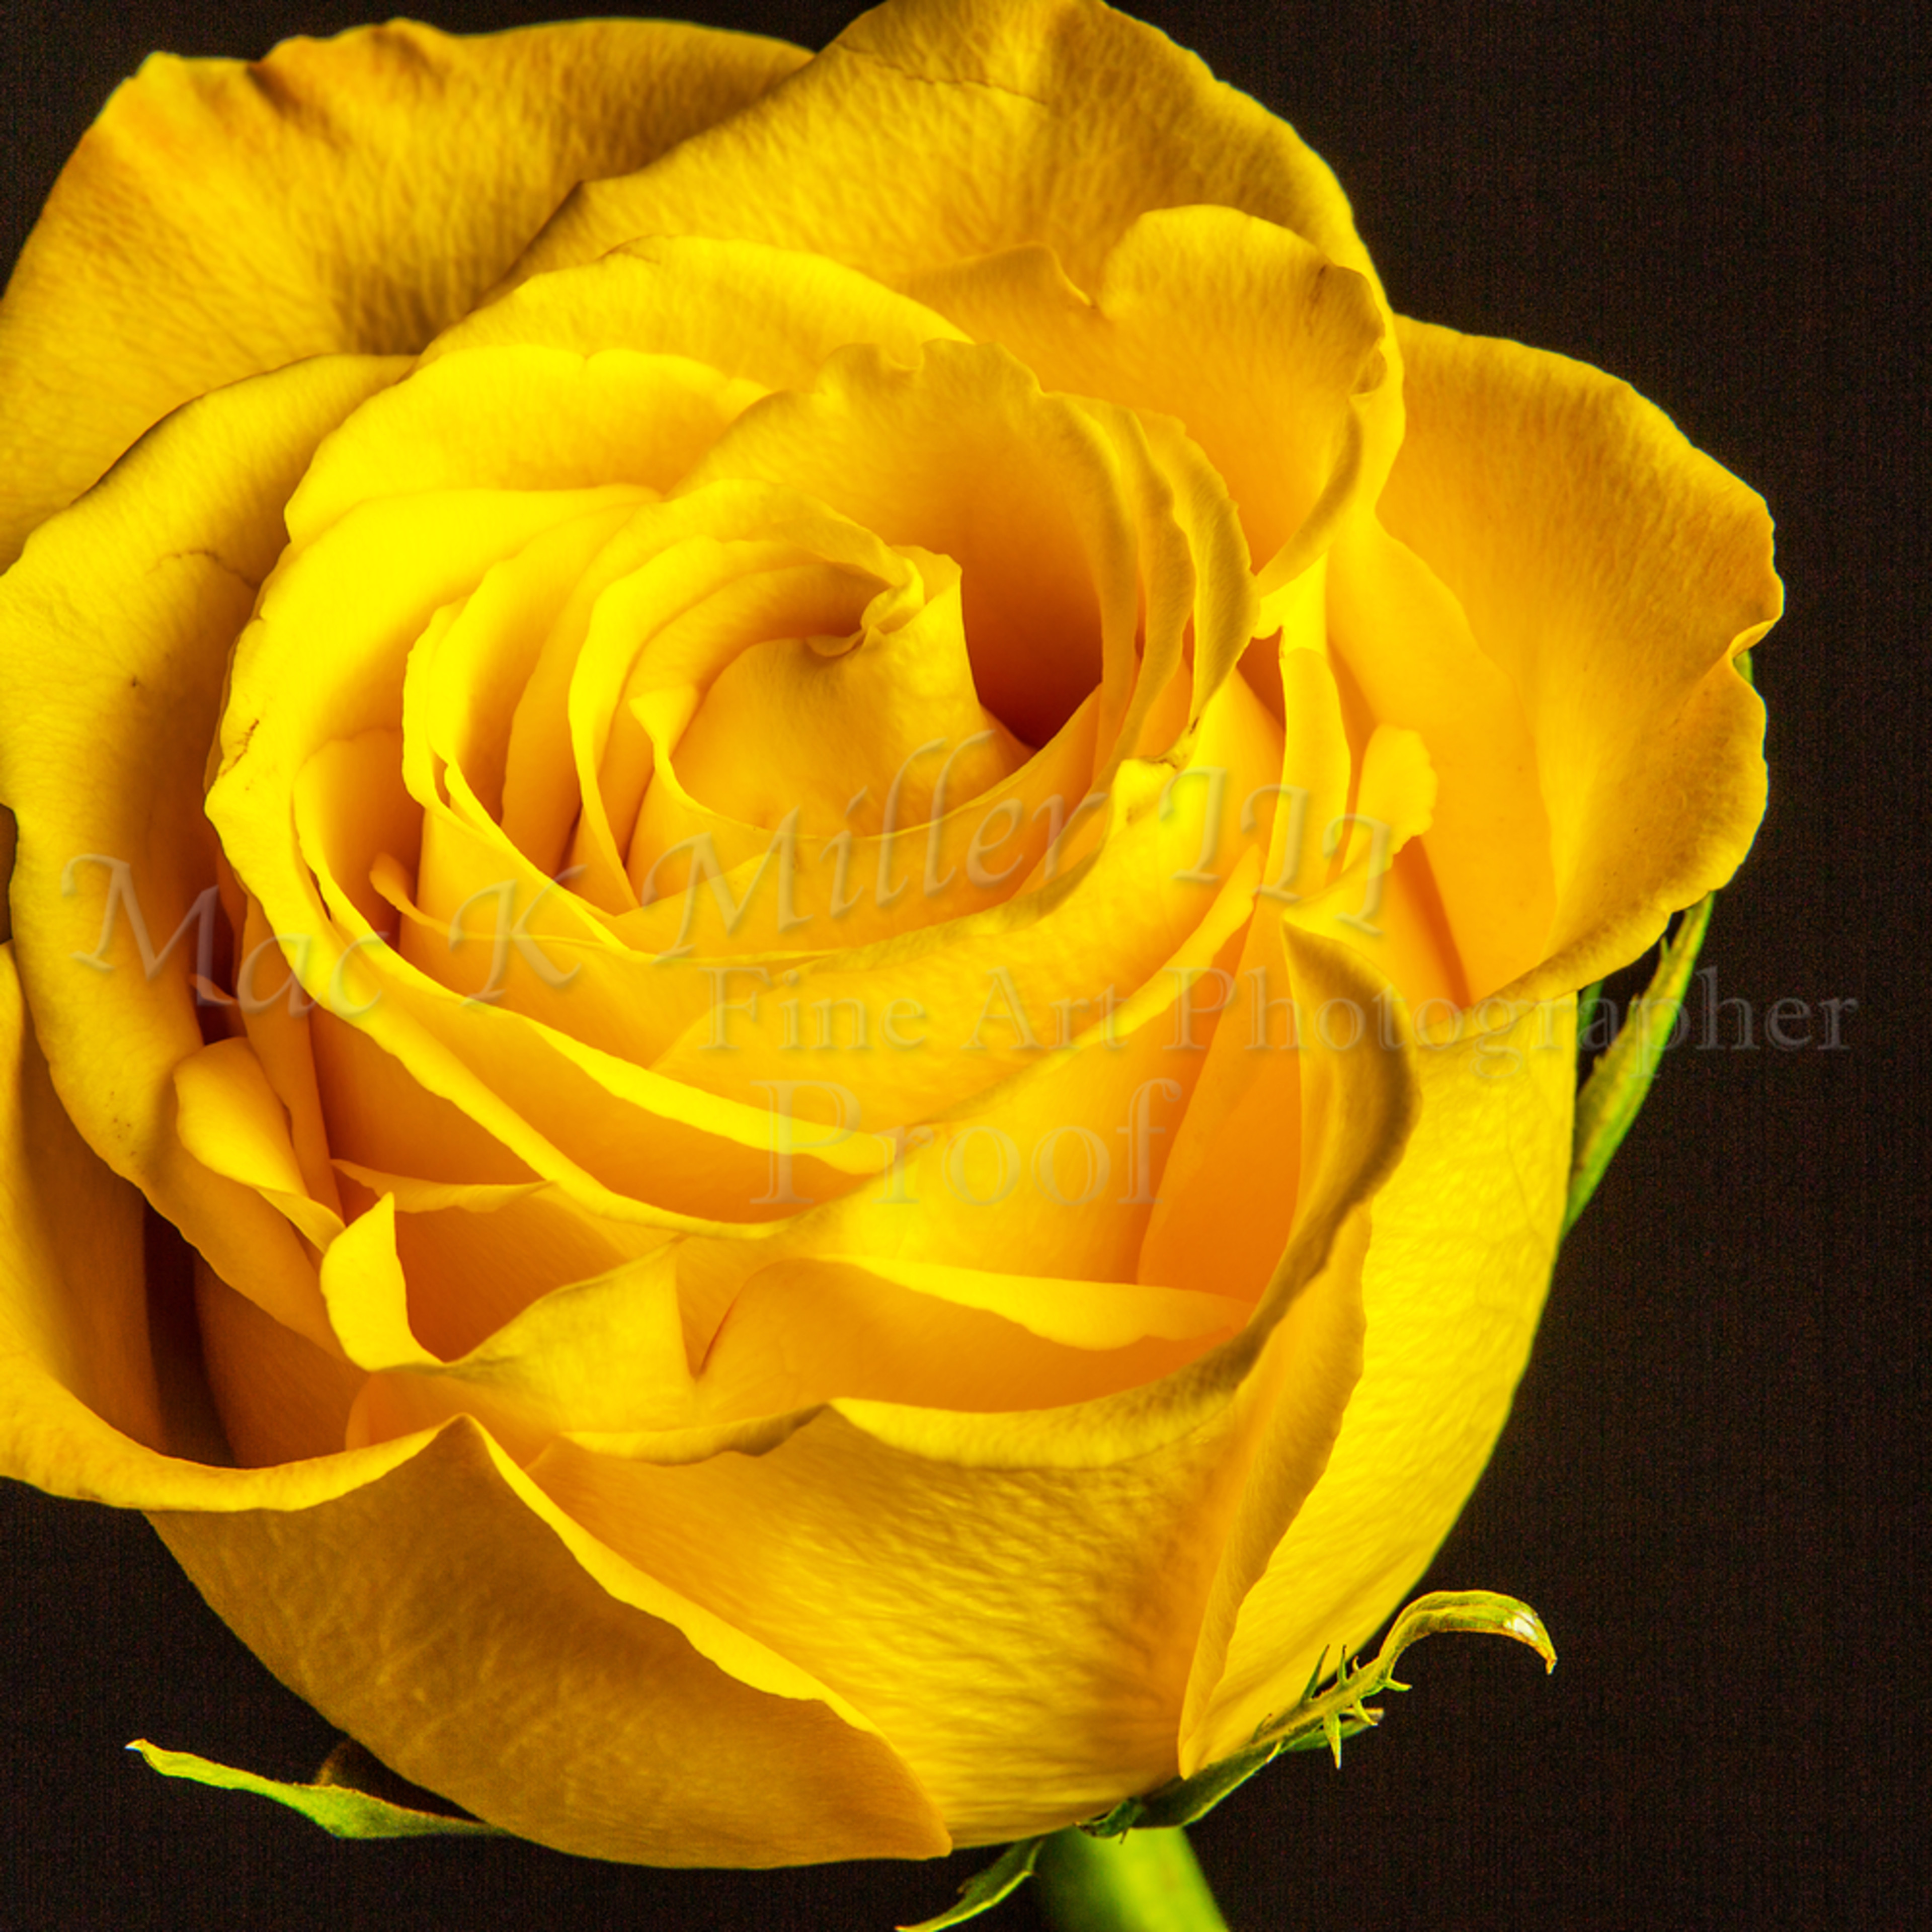 Yellow rose 1625.01 zfepfa